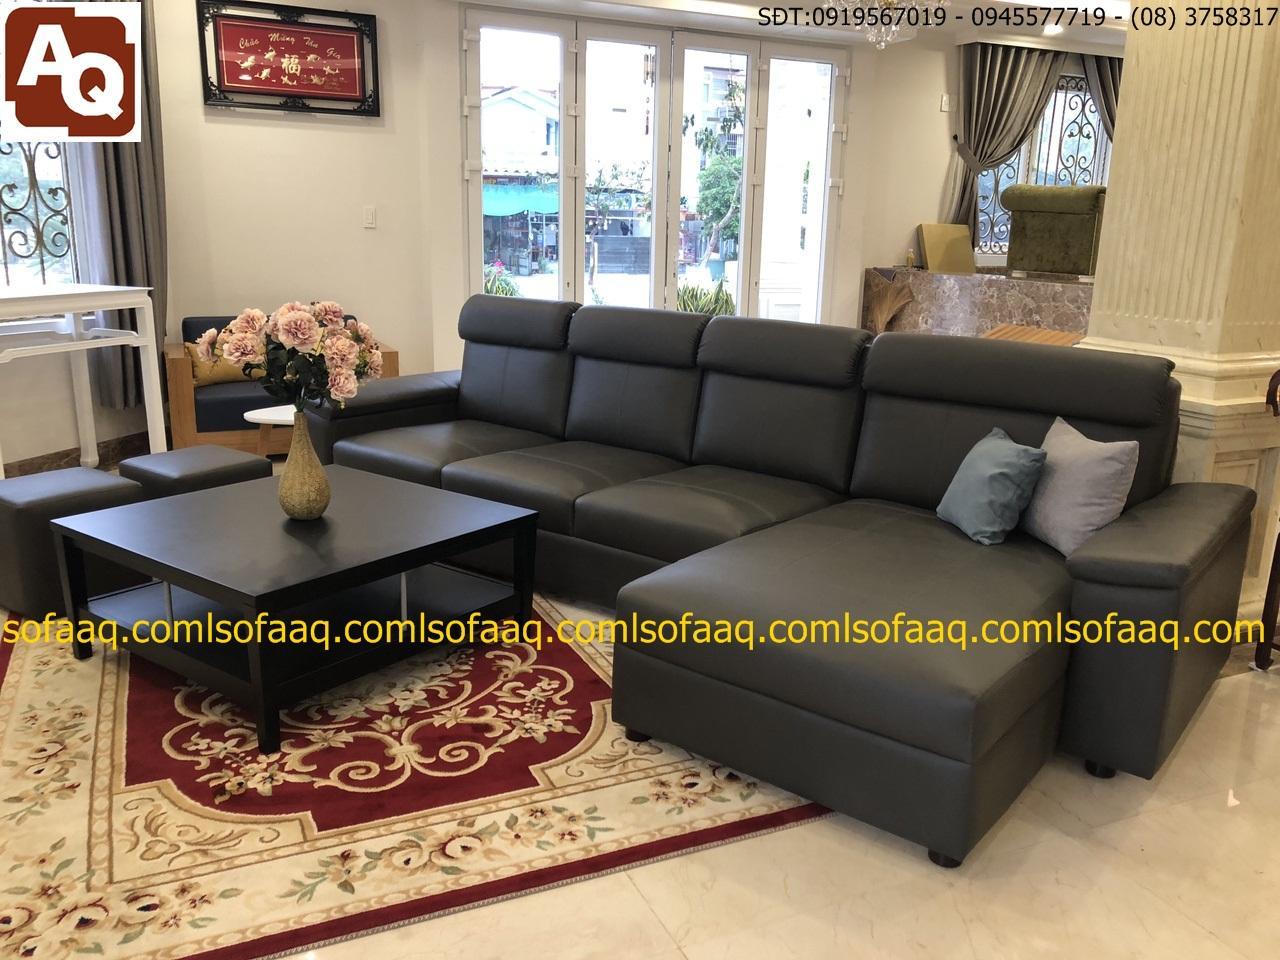 Nội thất Anh Quới - mang đến các bộ sofa đẹp hoàn mỹ